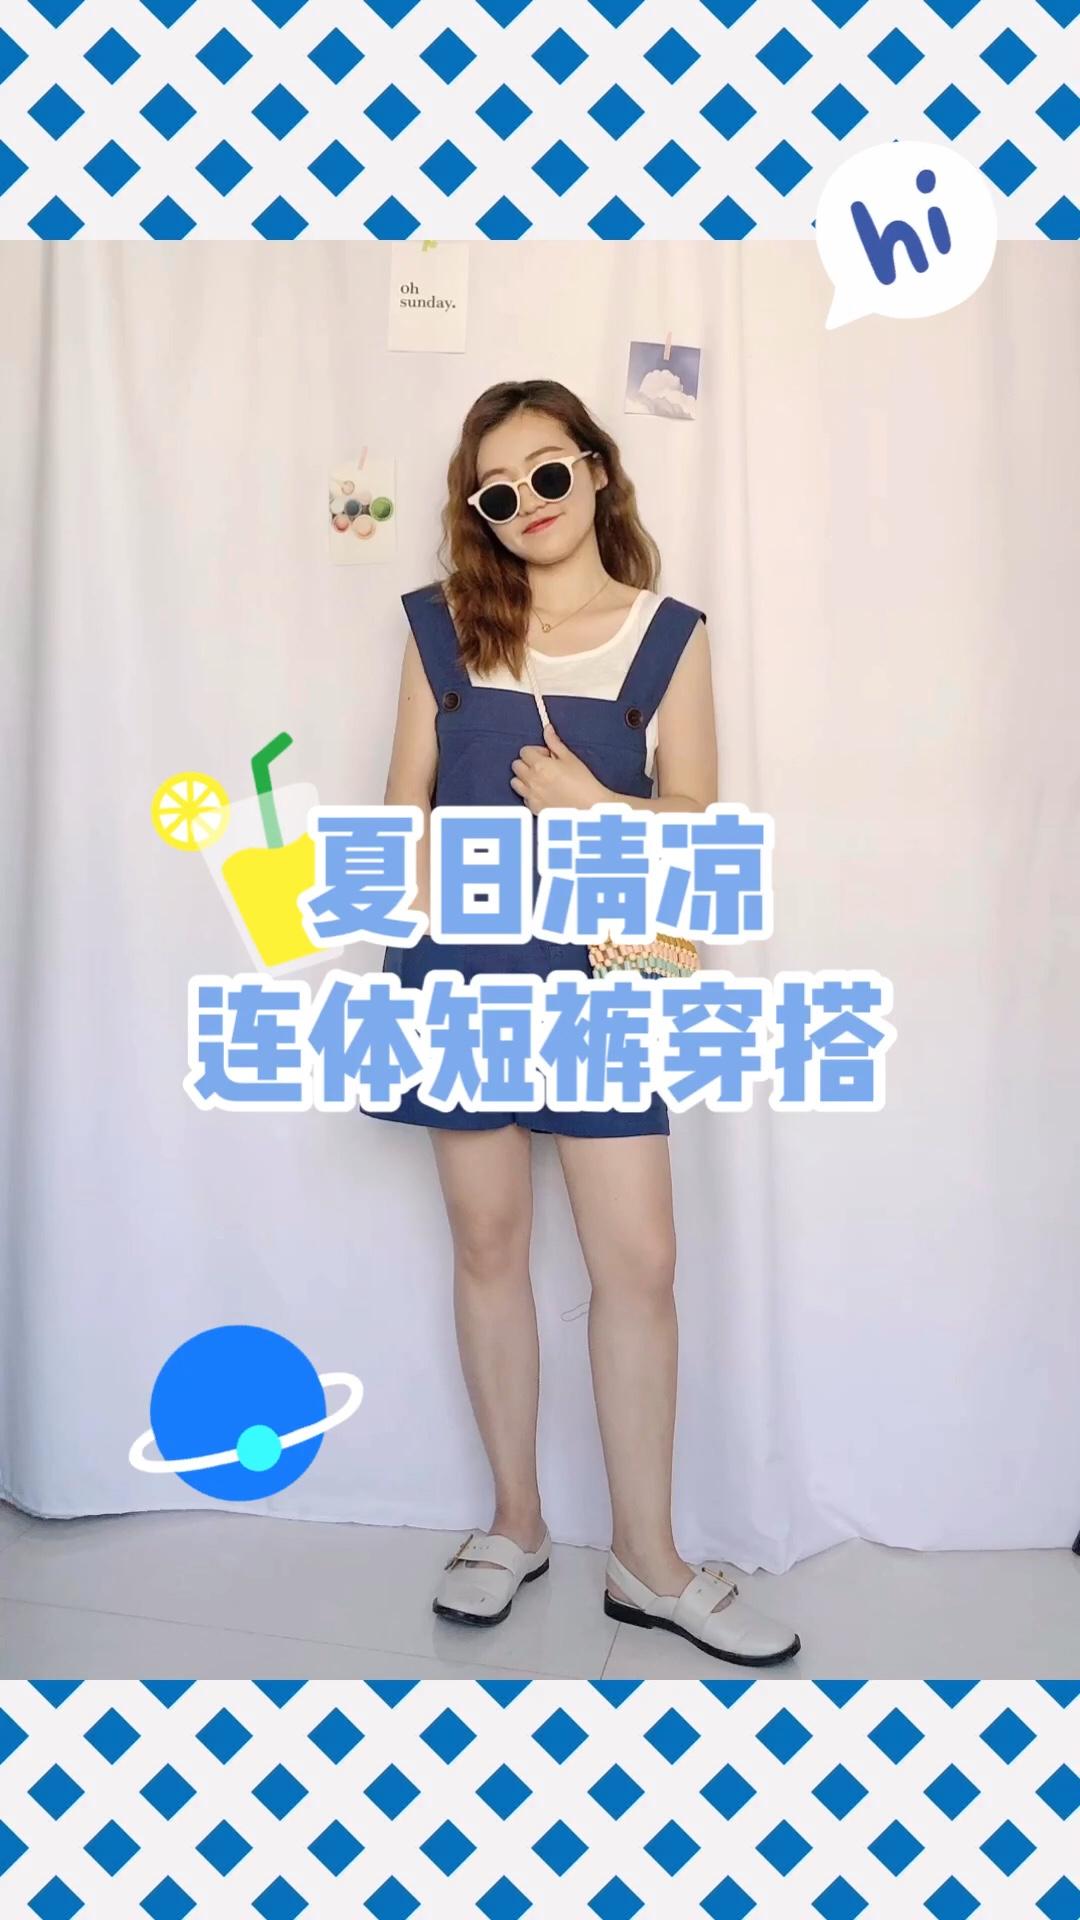 #小个子穿什么一键拉长比例# 超有夏日气氛的一套穿搭 靓丽的宝蓝色给夏日降温 连体裤穿搭时髦又俏皮 今年夏天一定不能错过的look!